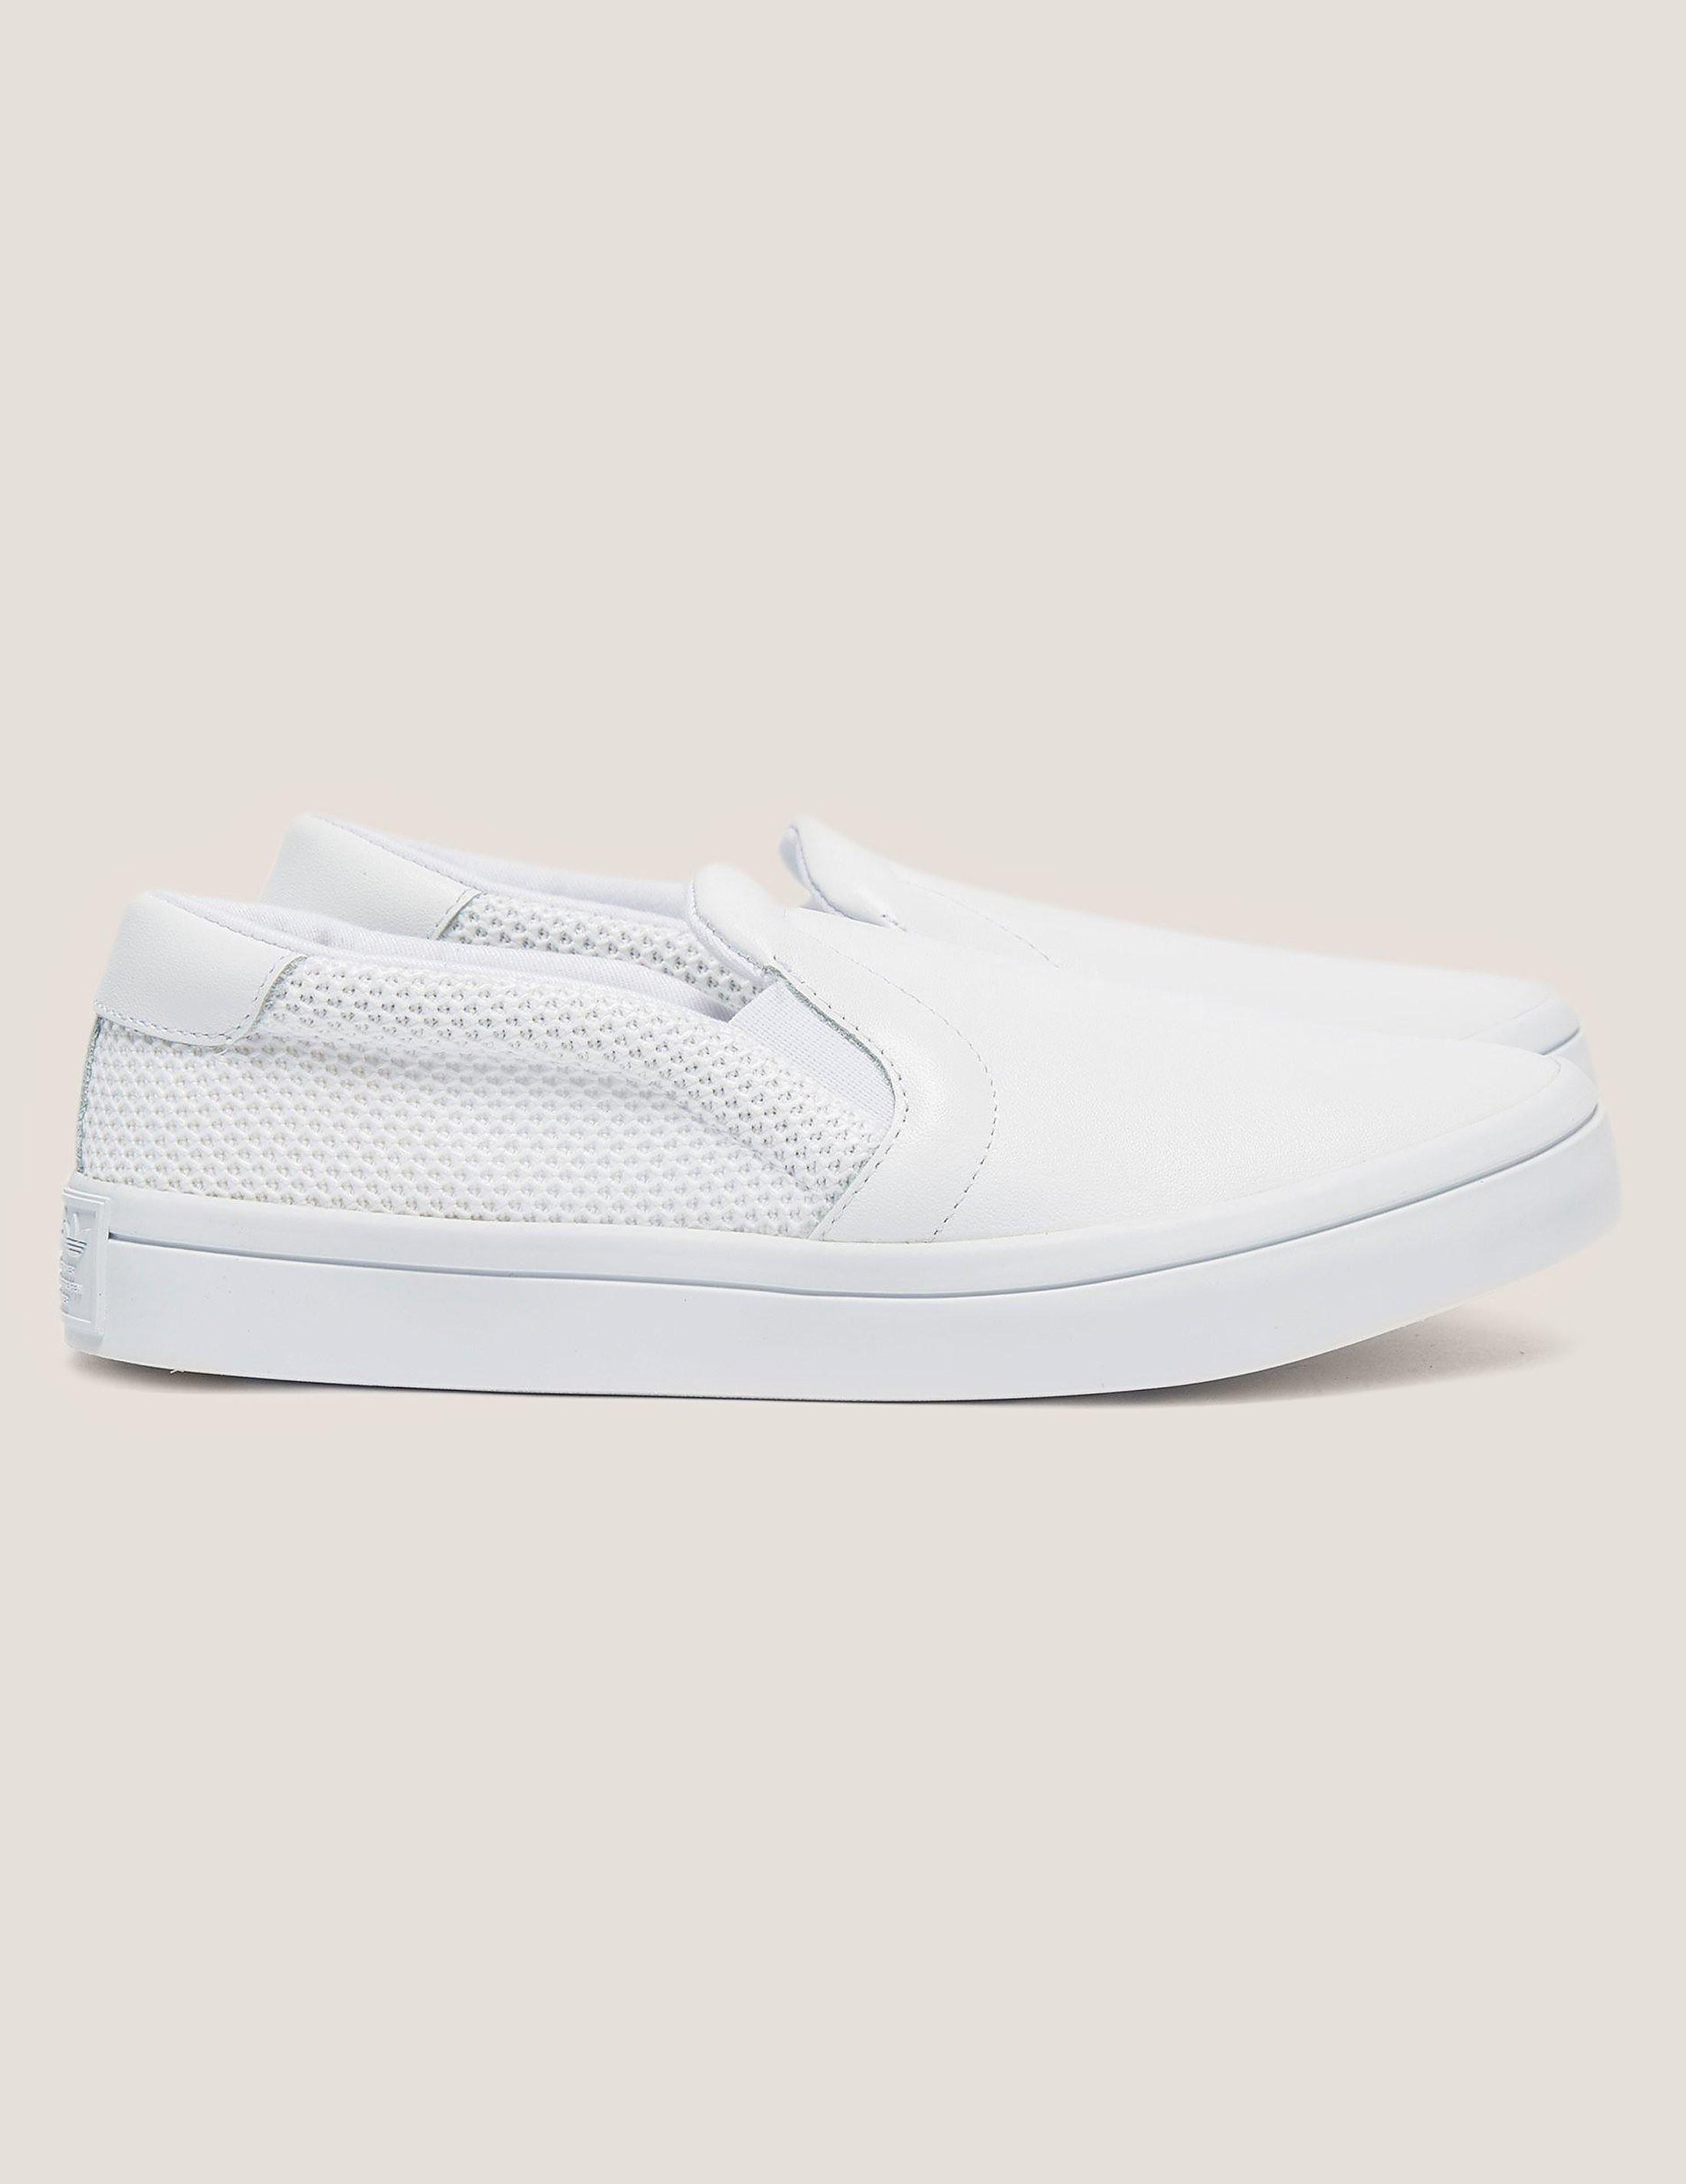 adidas Originals Courtvant Slip